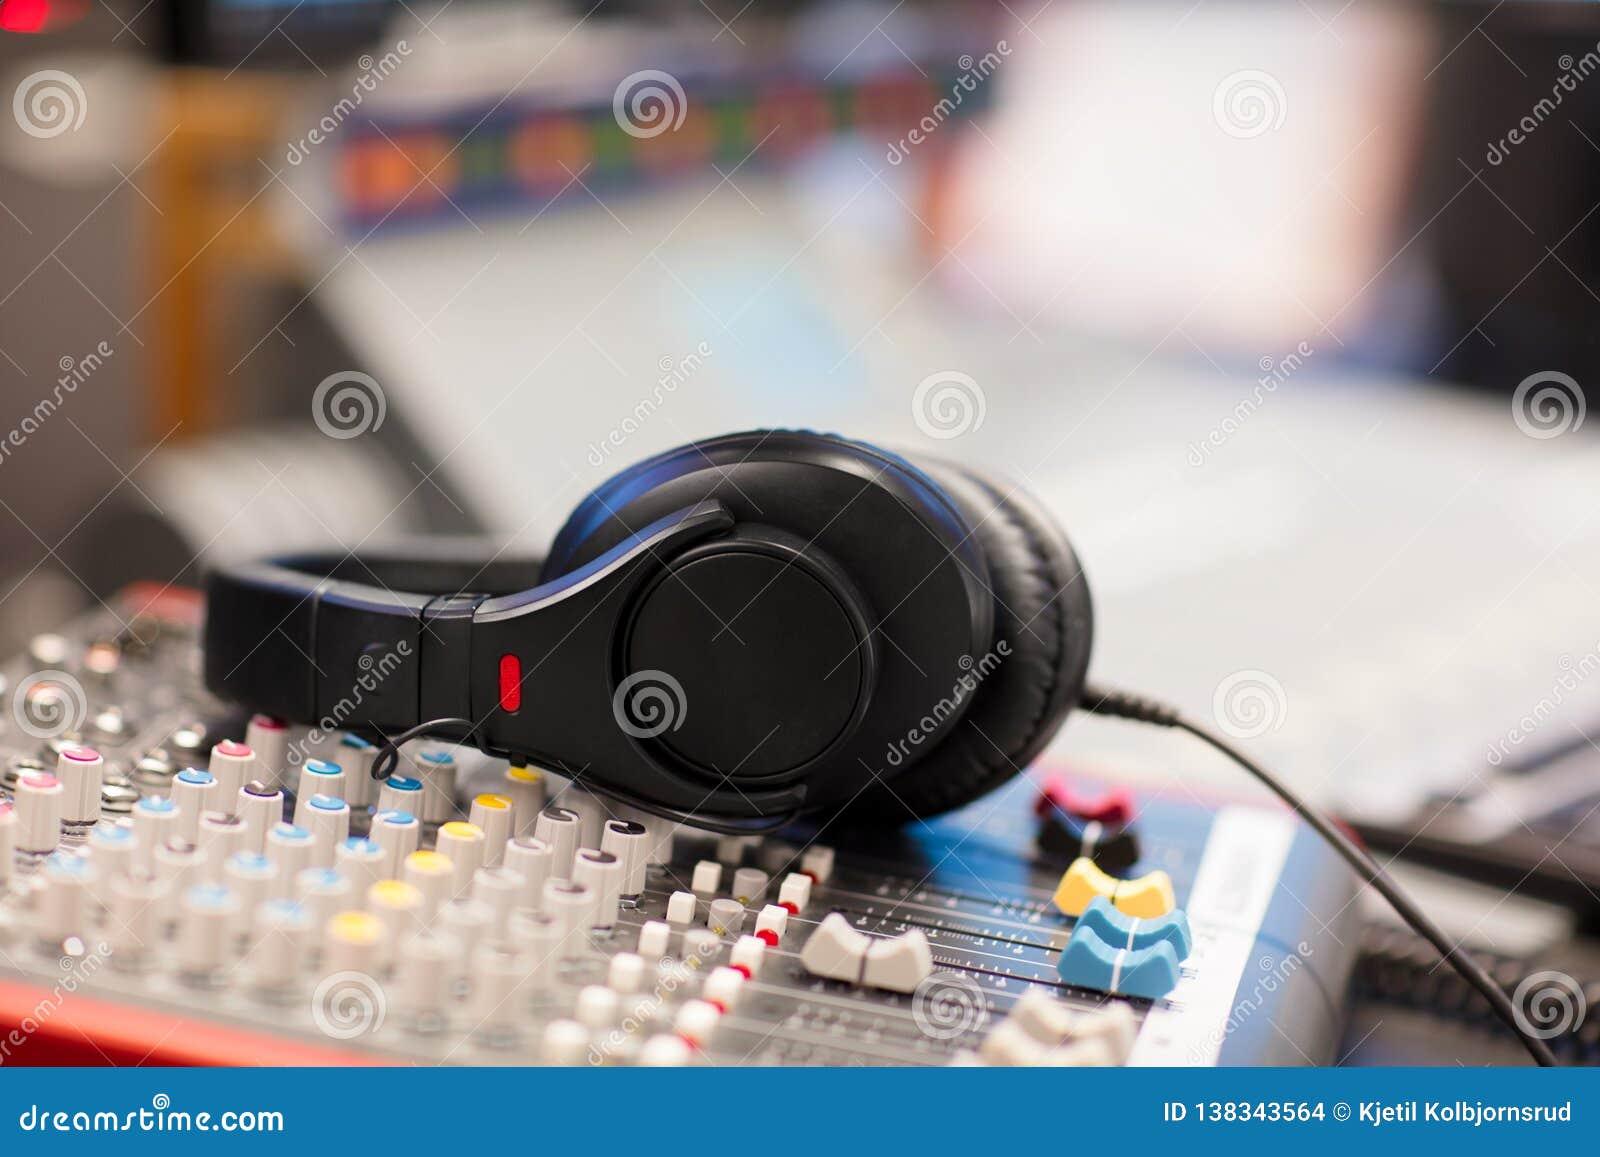 Écouteurs sur le mixeur son dans le studio par radio professionnel